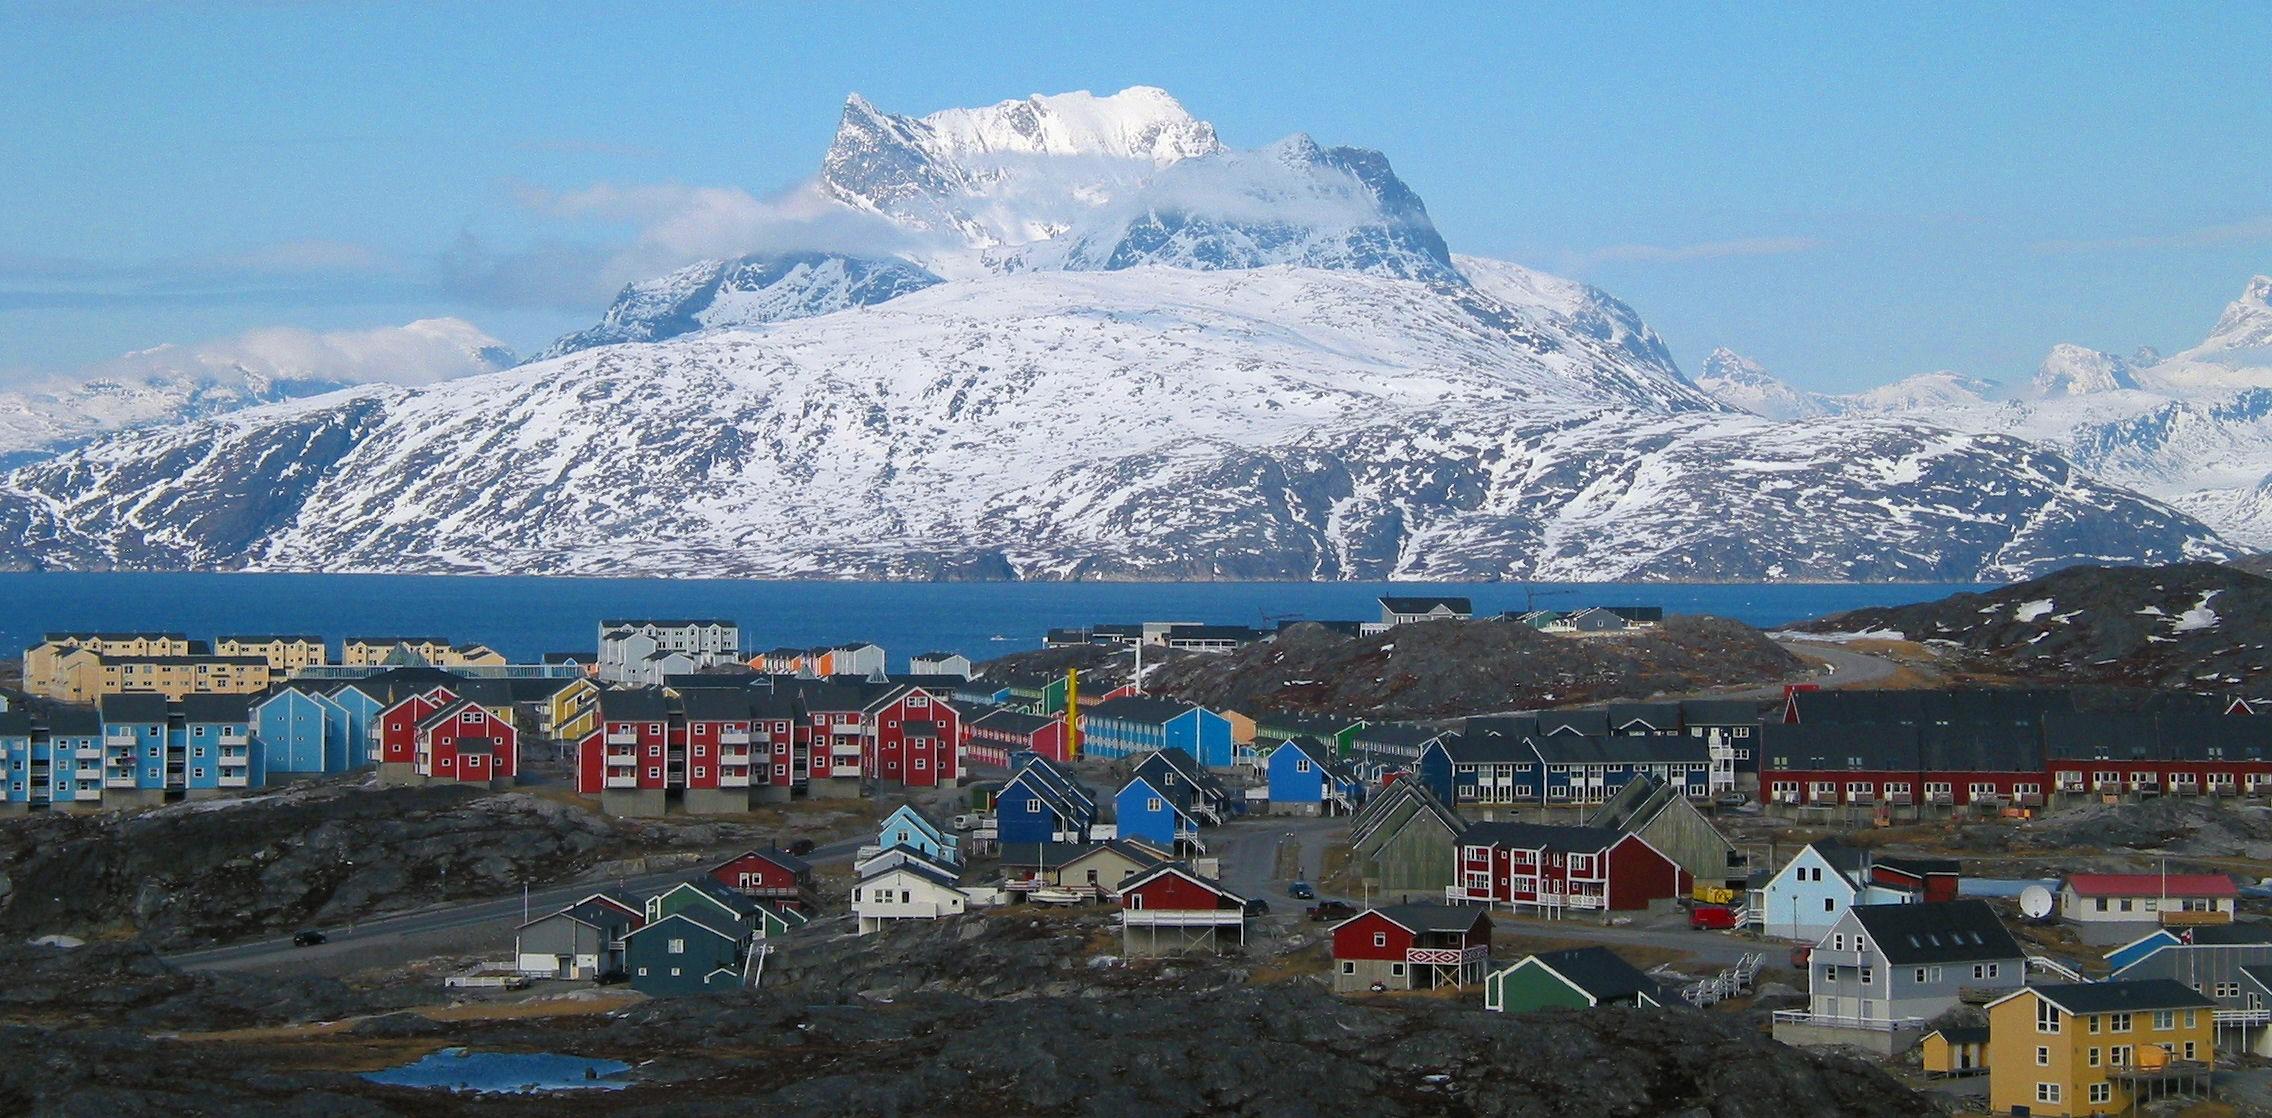 Grønlands hovedstad, Nuuk, med Sermitsiaq-fjeldet i baggrunden, er blandt de 100 udvalgte rejsemål verden over hos Time Magazine. Wikipediafoto: Oliver Schauf.